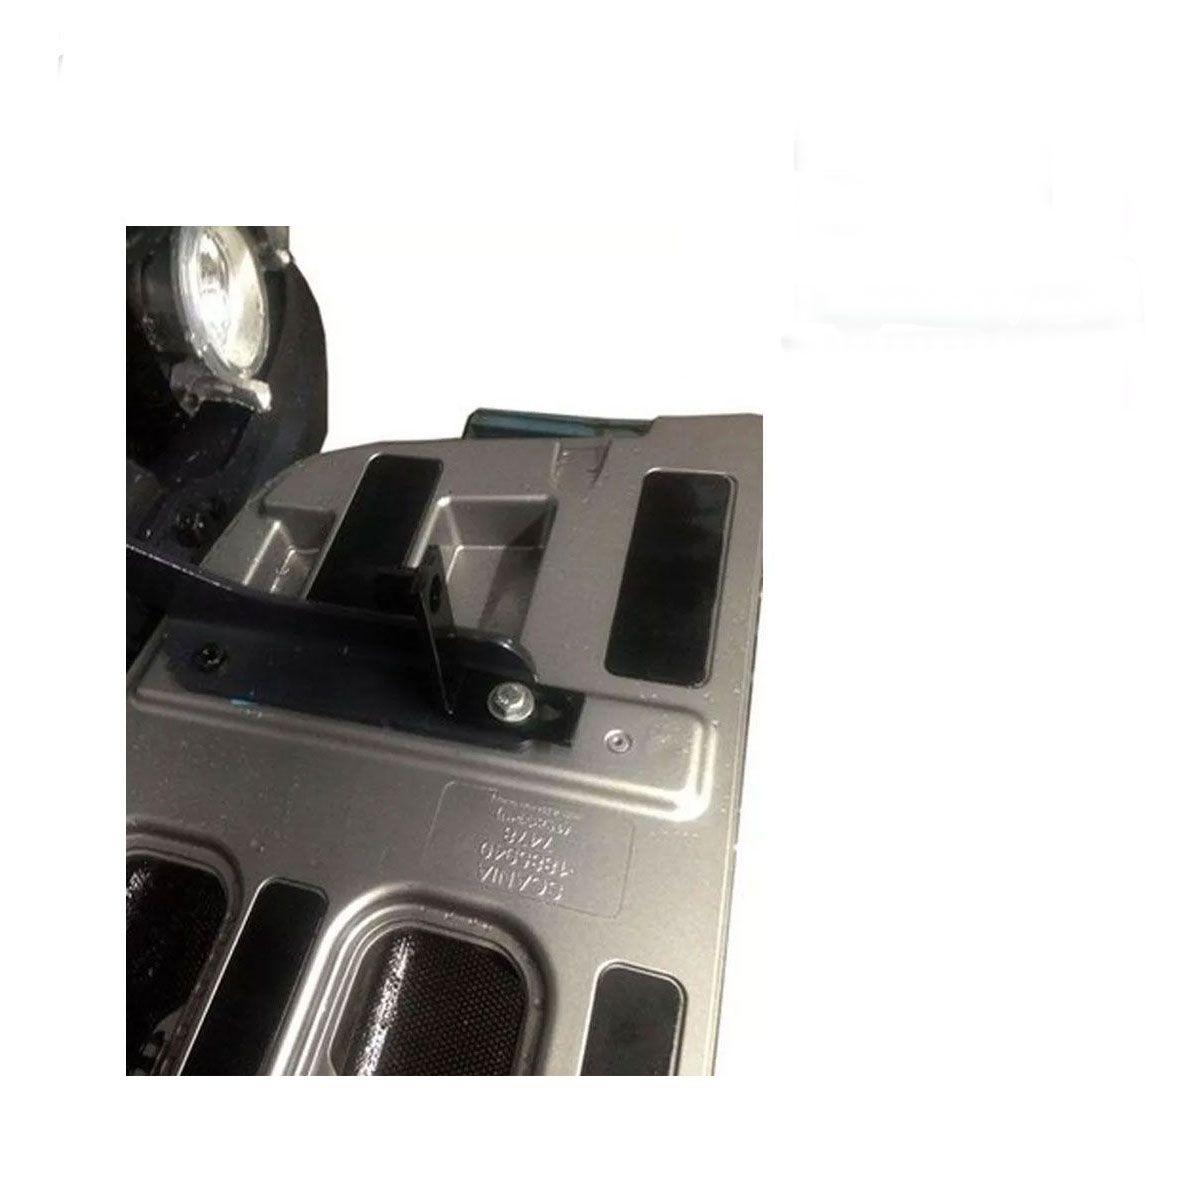 Par travas antifurto Compatível com o Caminhão Scania NTG grade e farol